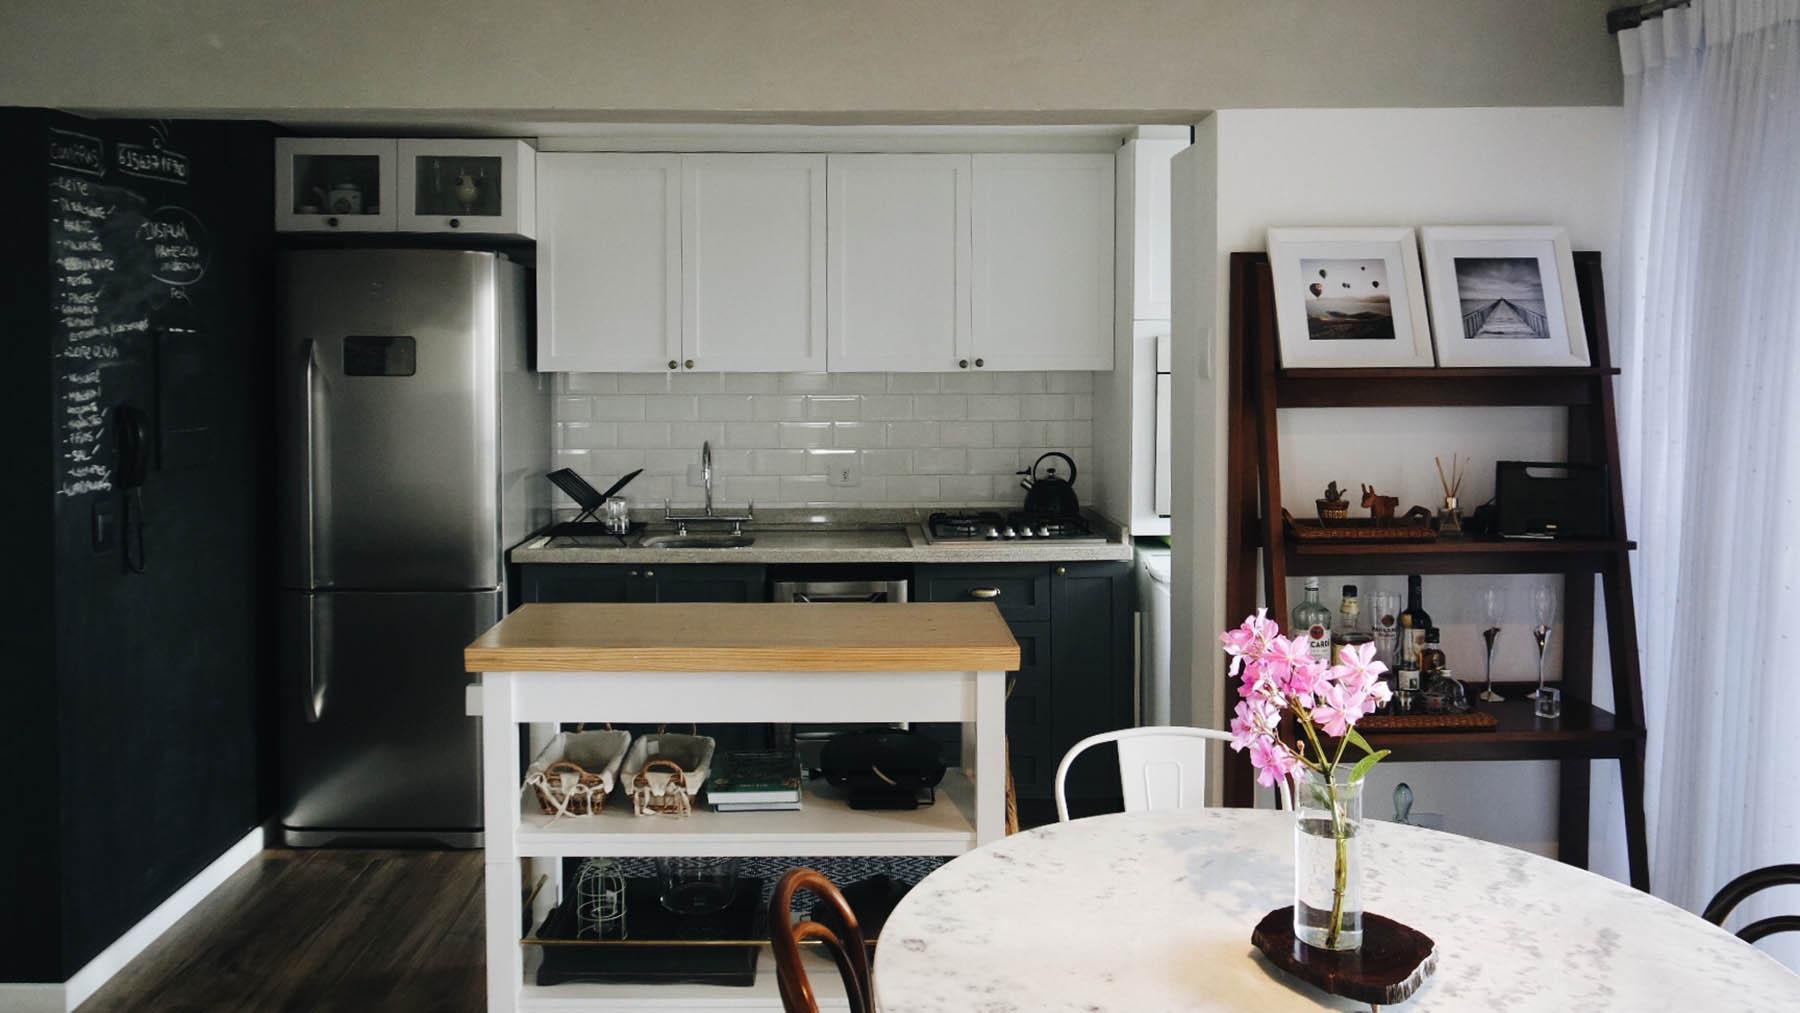 Cozinha escandinava com parede lousa e ilha em madeira, mesa com cadeiras diferentes e tampo de mármore.